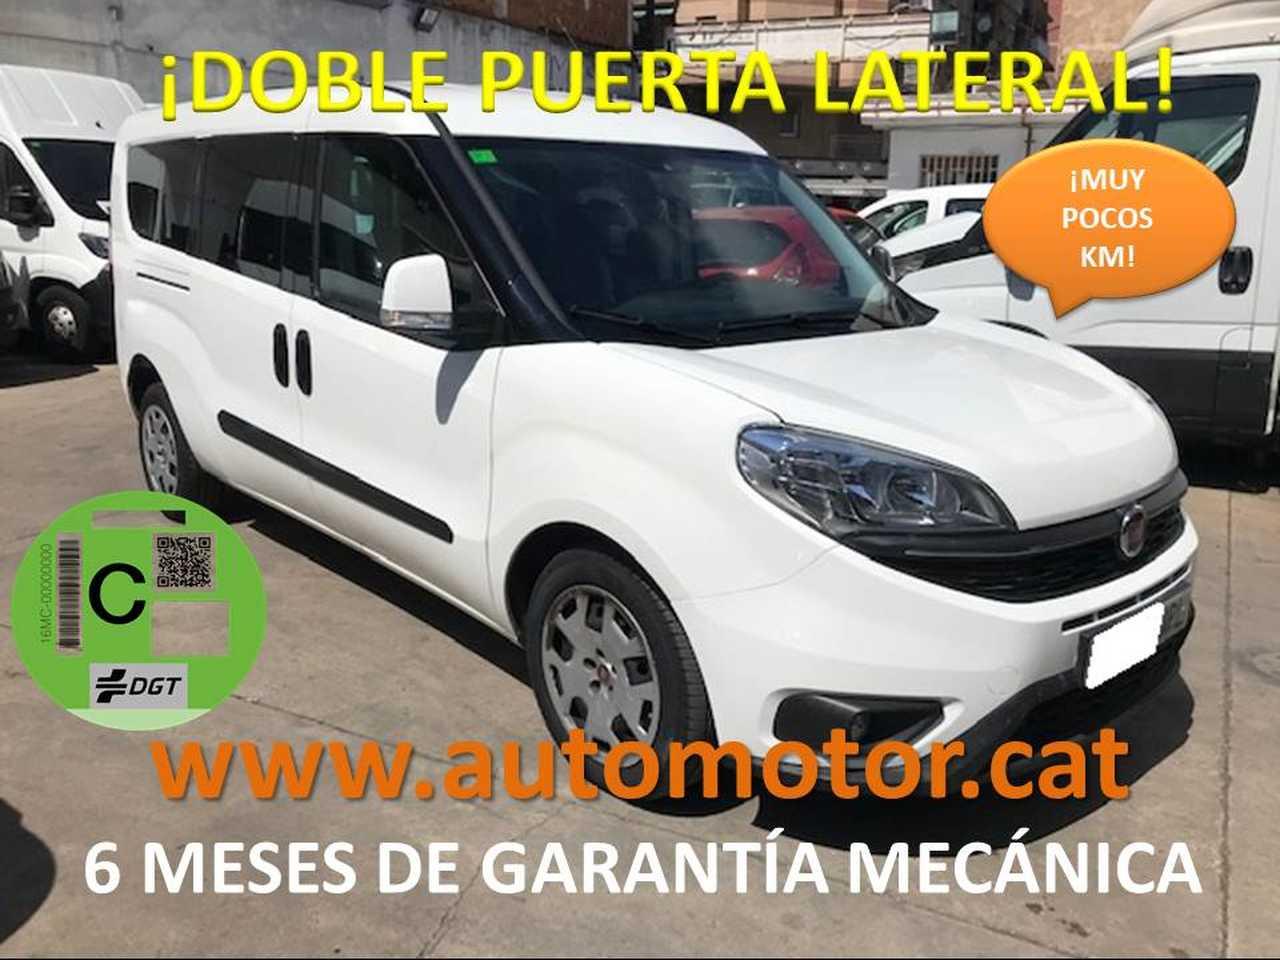 Fiat Doblo Panorama 1.6Mjt L Lounge - GARANTIA MECANICA  - Foto 1